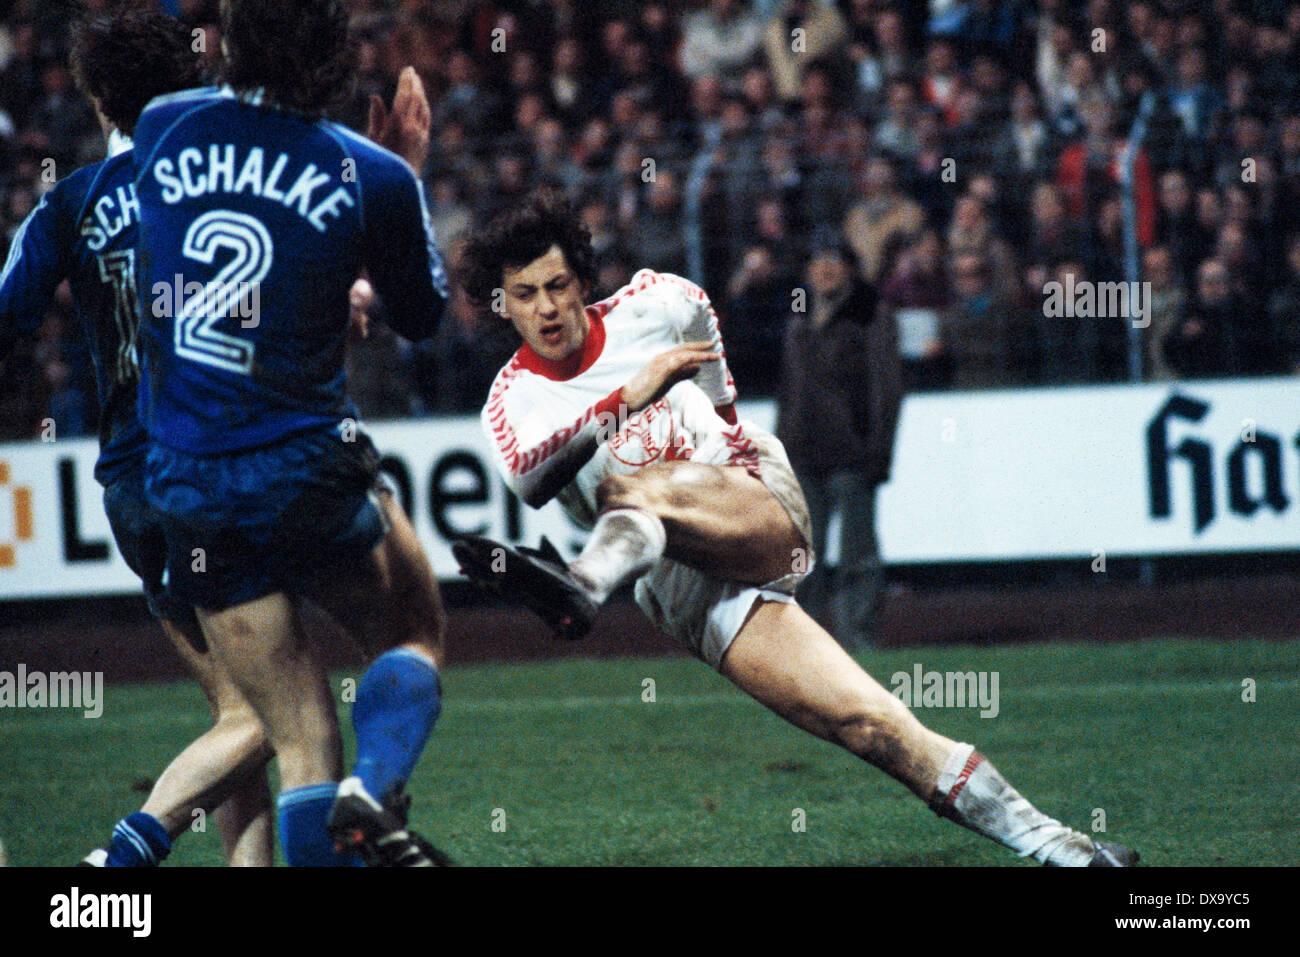 football, Bundesliga, 1980/1981, Grotenburg Stadium, FC Bayer 05 Uerdingen versus FC Schalke 04 1:3, scene of the match, shot on goal by Franz Raschid (Bayer) - Stock Image